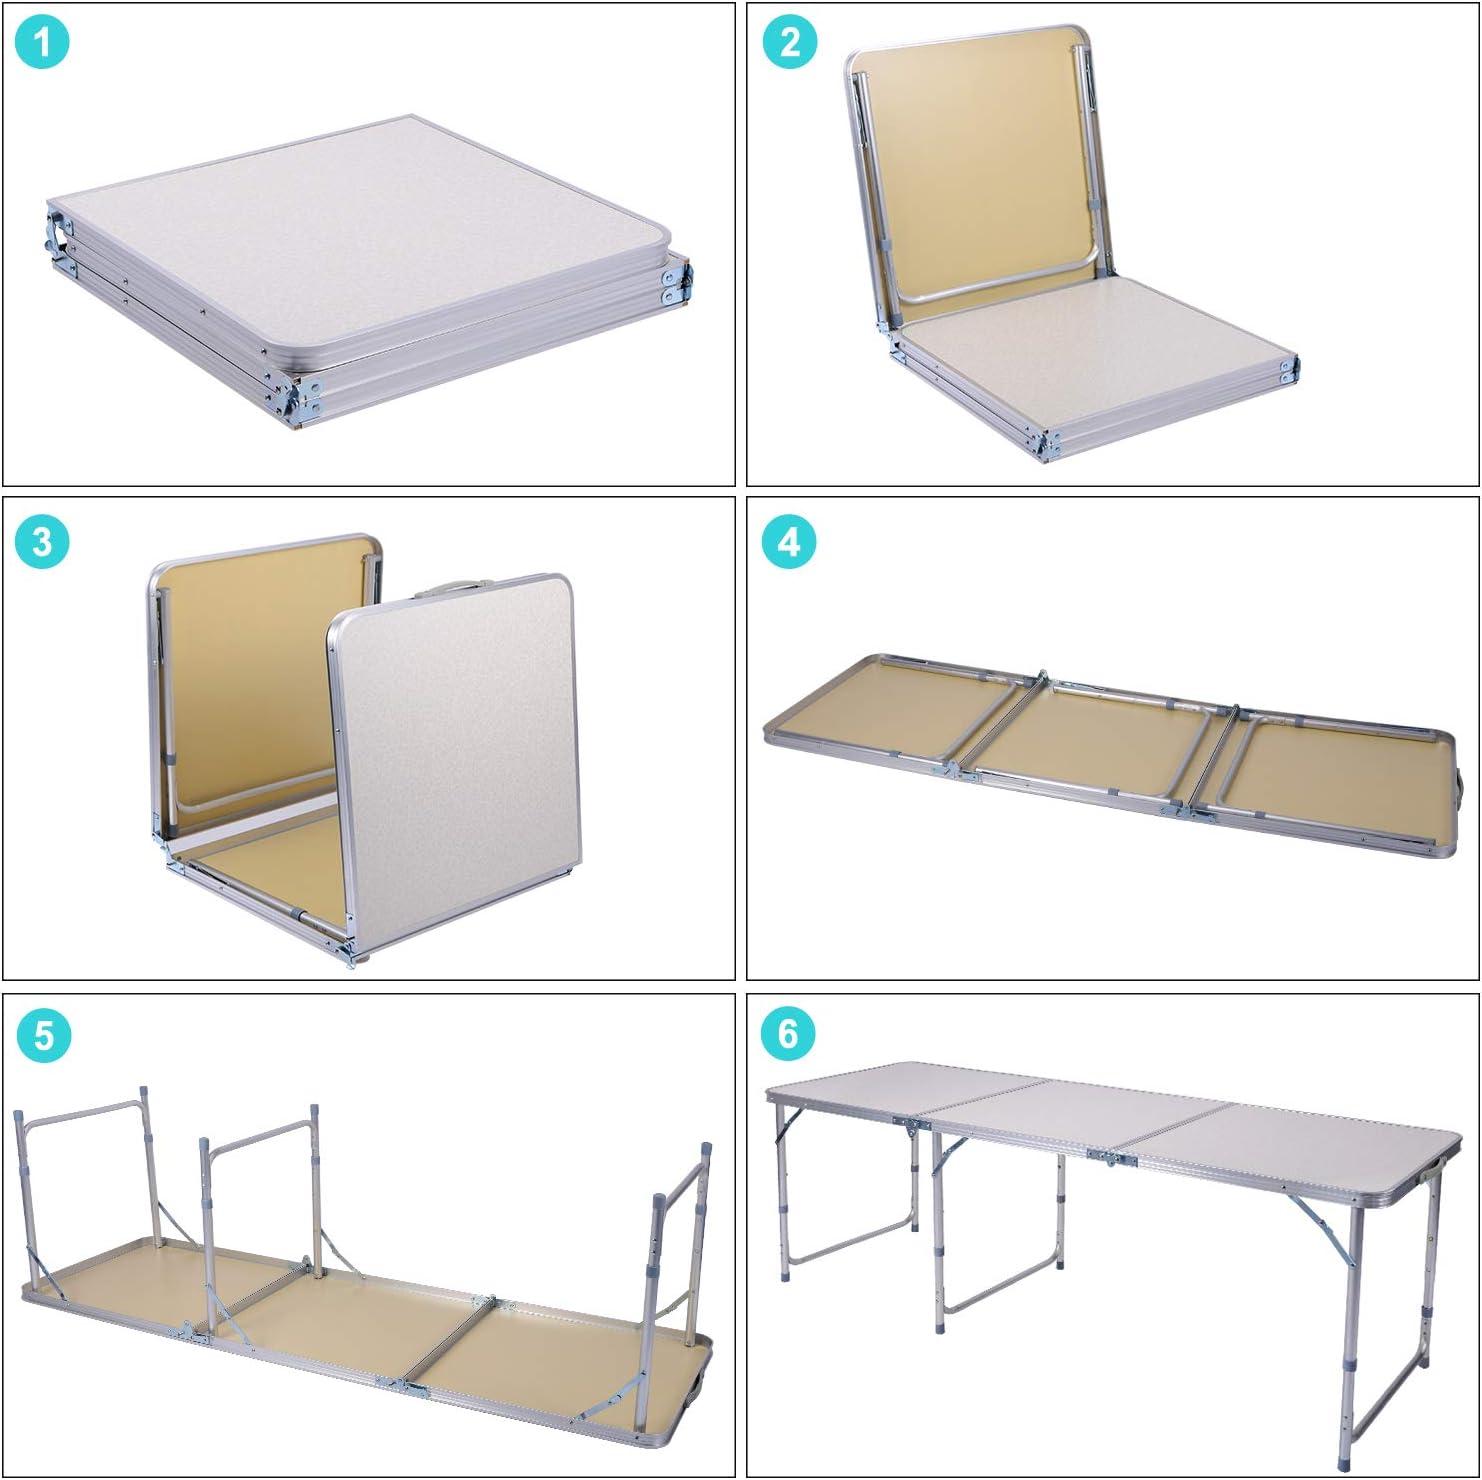 Sunflo Table Pliante 1,2 m Portable r/églable en Alliage daluminium Int/érieur ext/érieur Table de Salle /à Manger Portable Poign/ée Pique-Nique Camping Barbecue